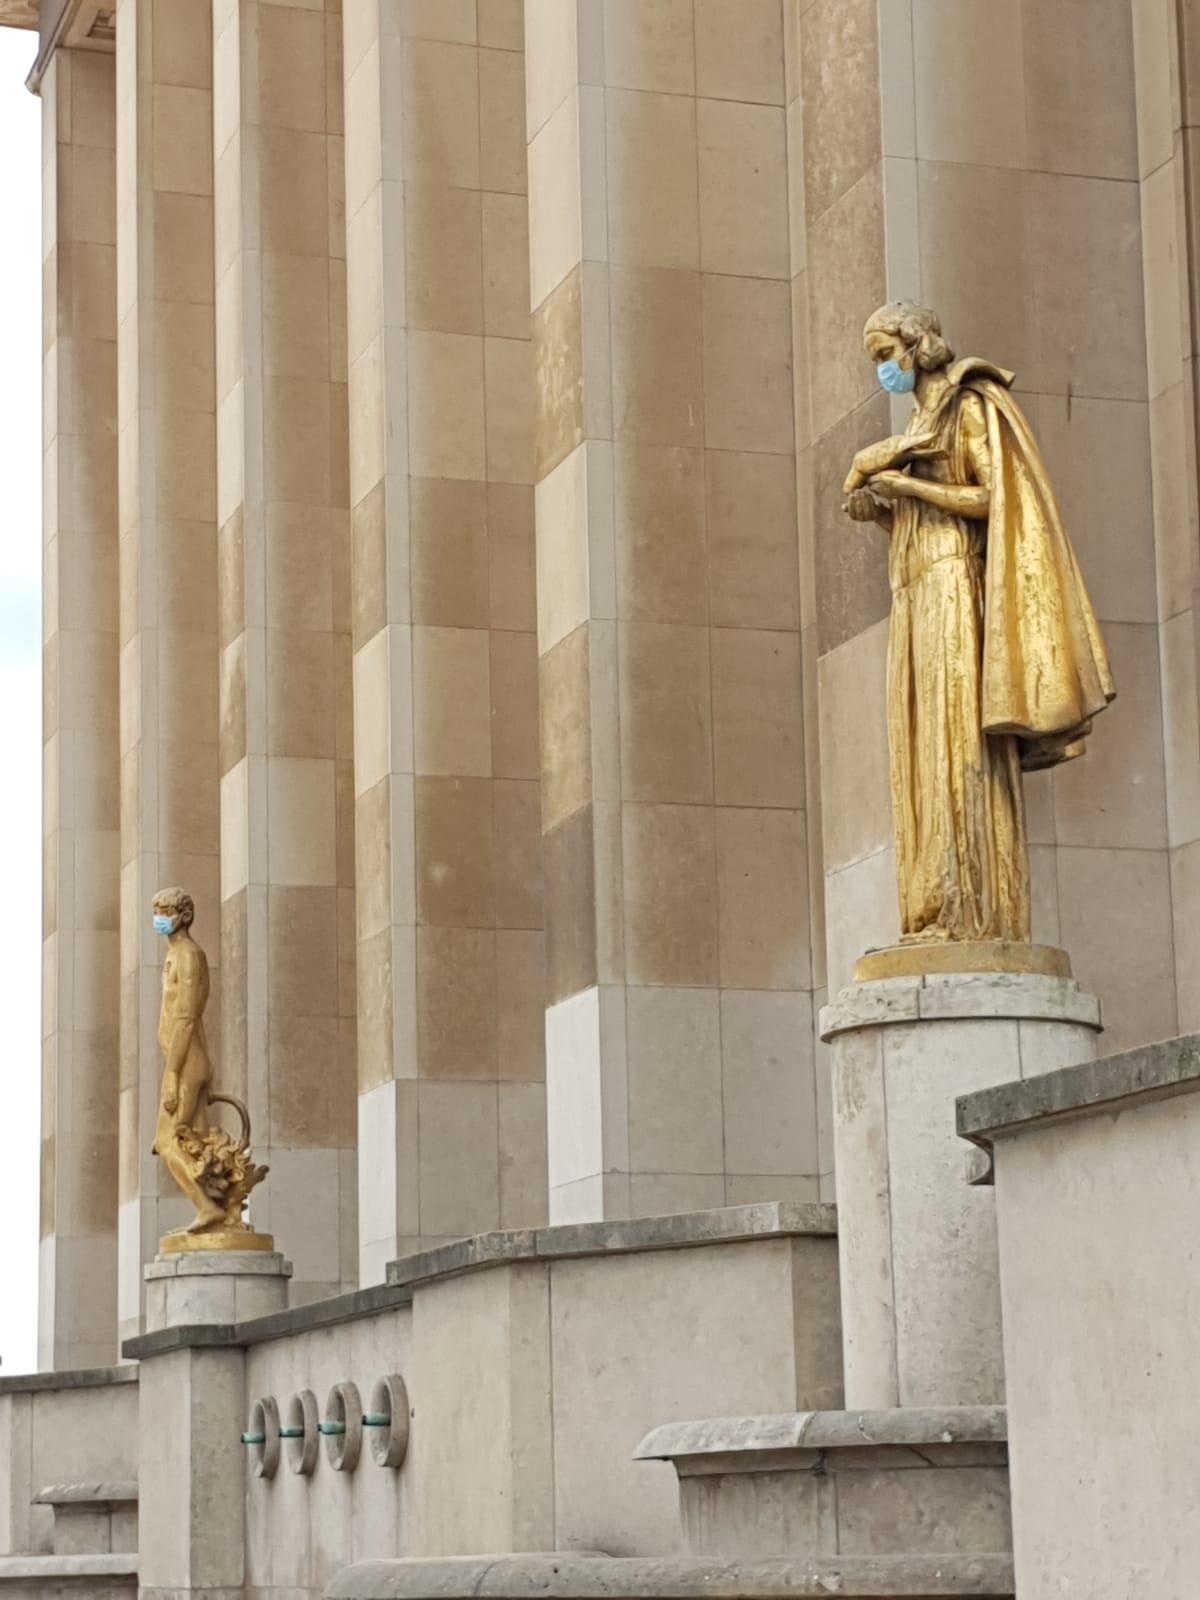 כיכר טרוקדרו בפריז, השבוע